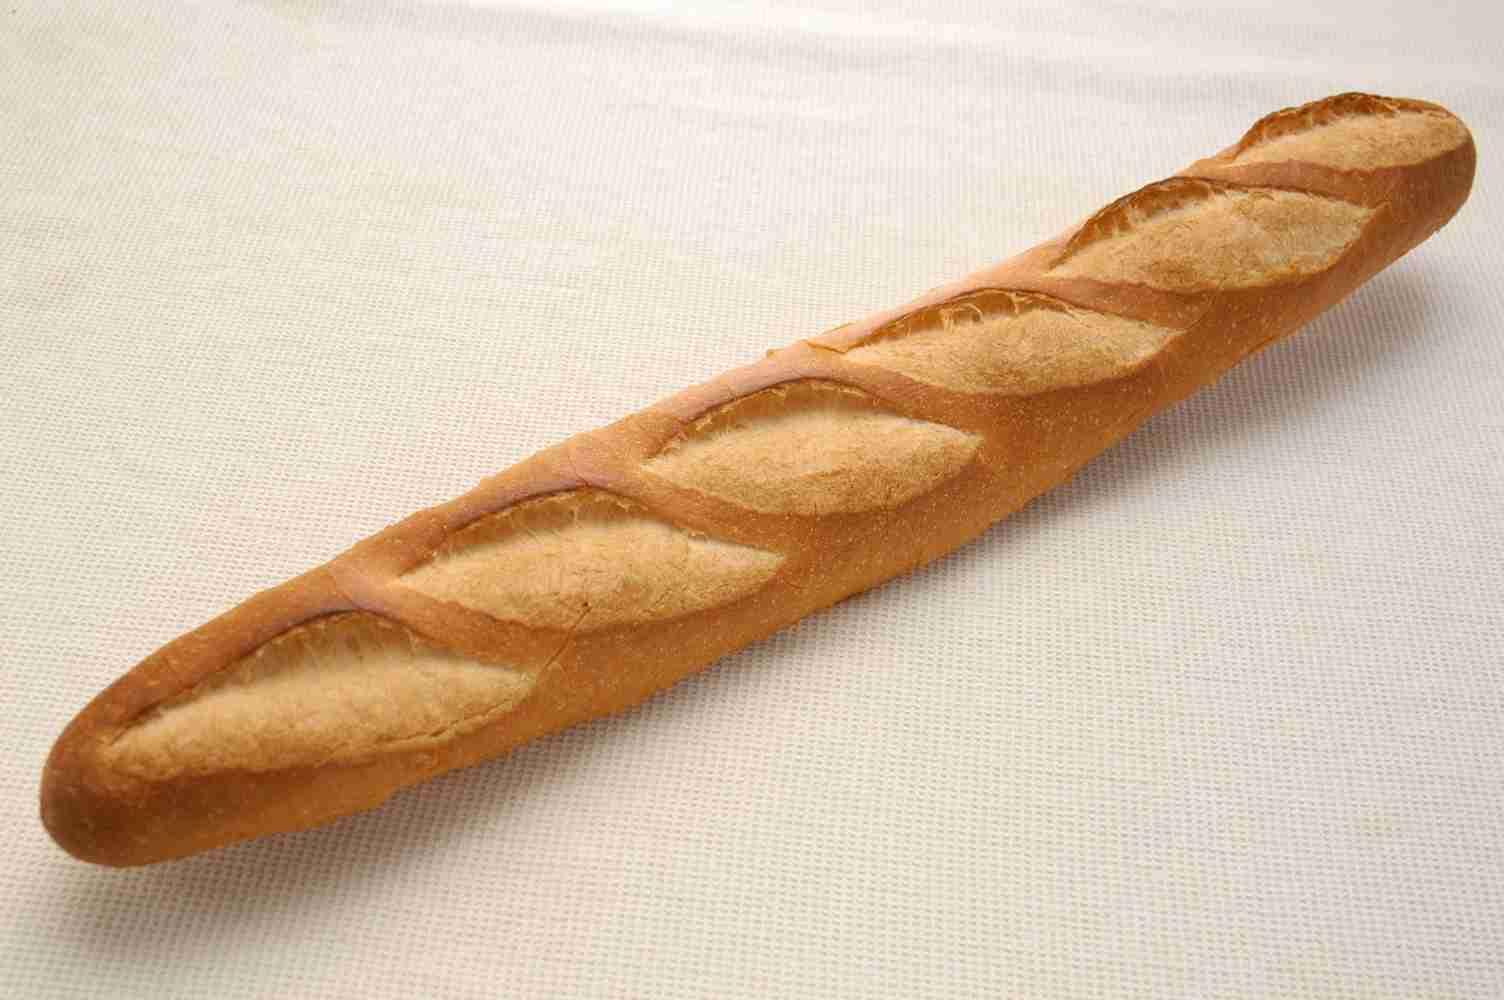 「パンが長すぎる?じゃあこうしよう」 フランス人の『謎すぎるこだわり』